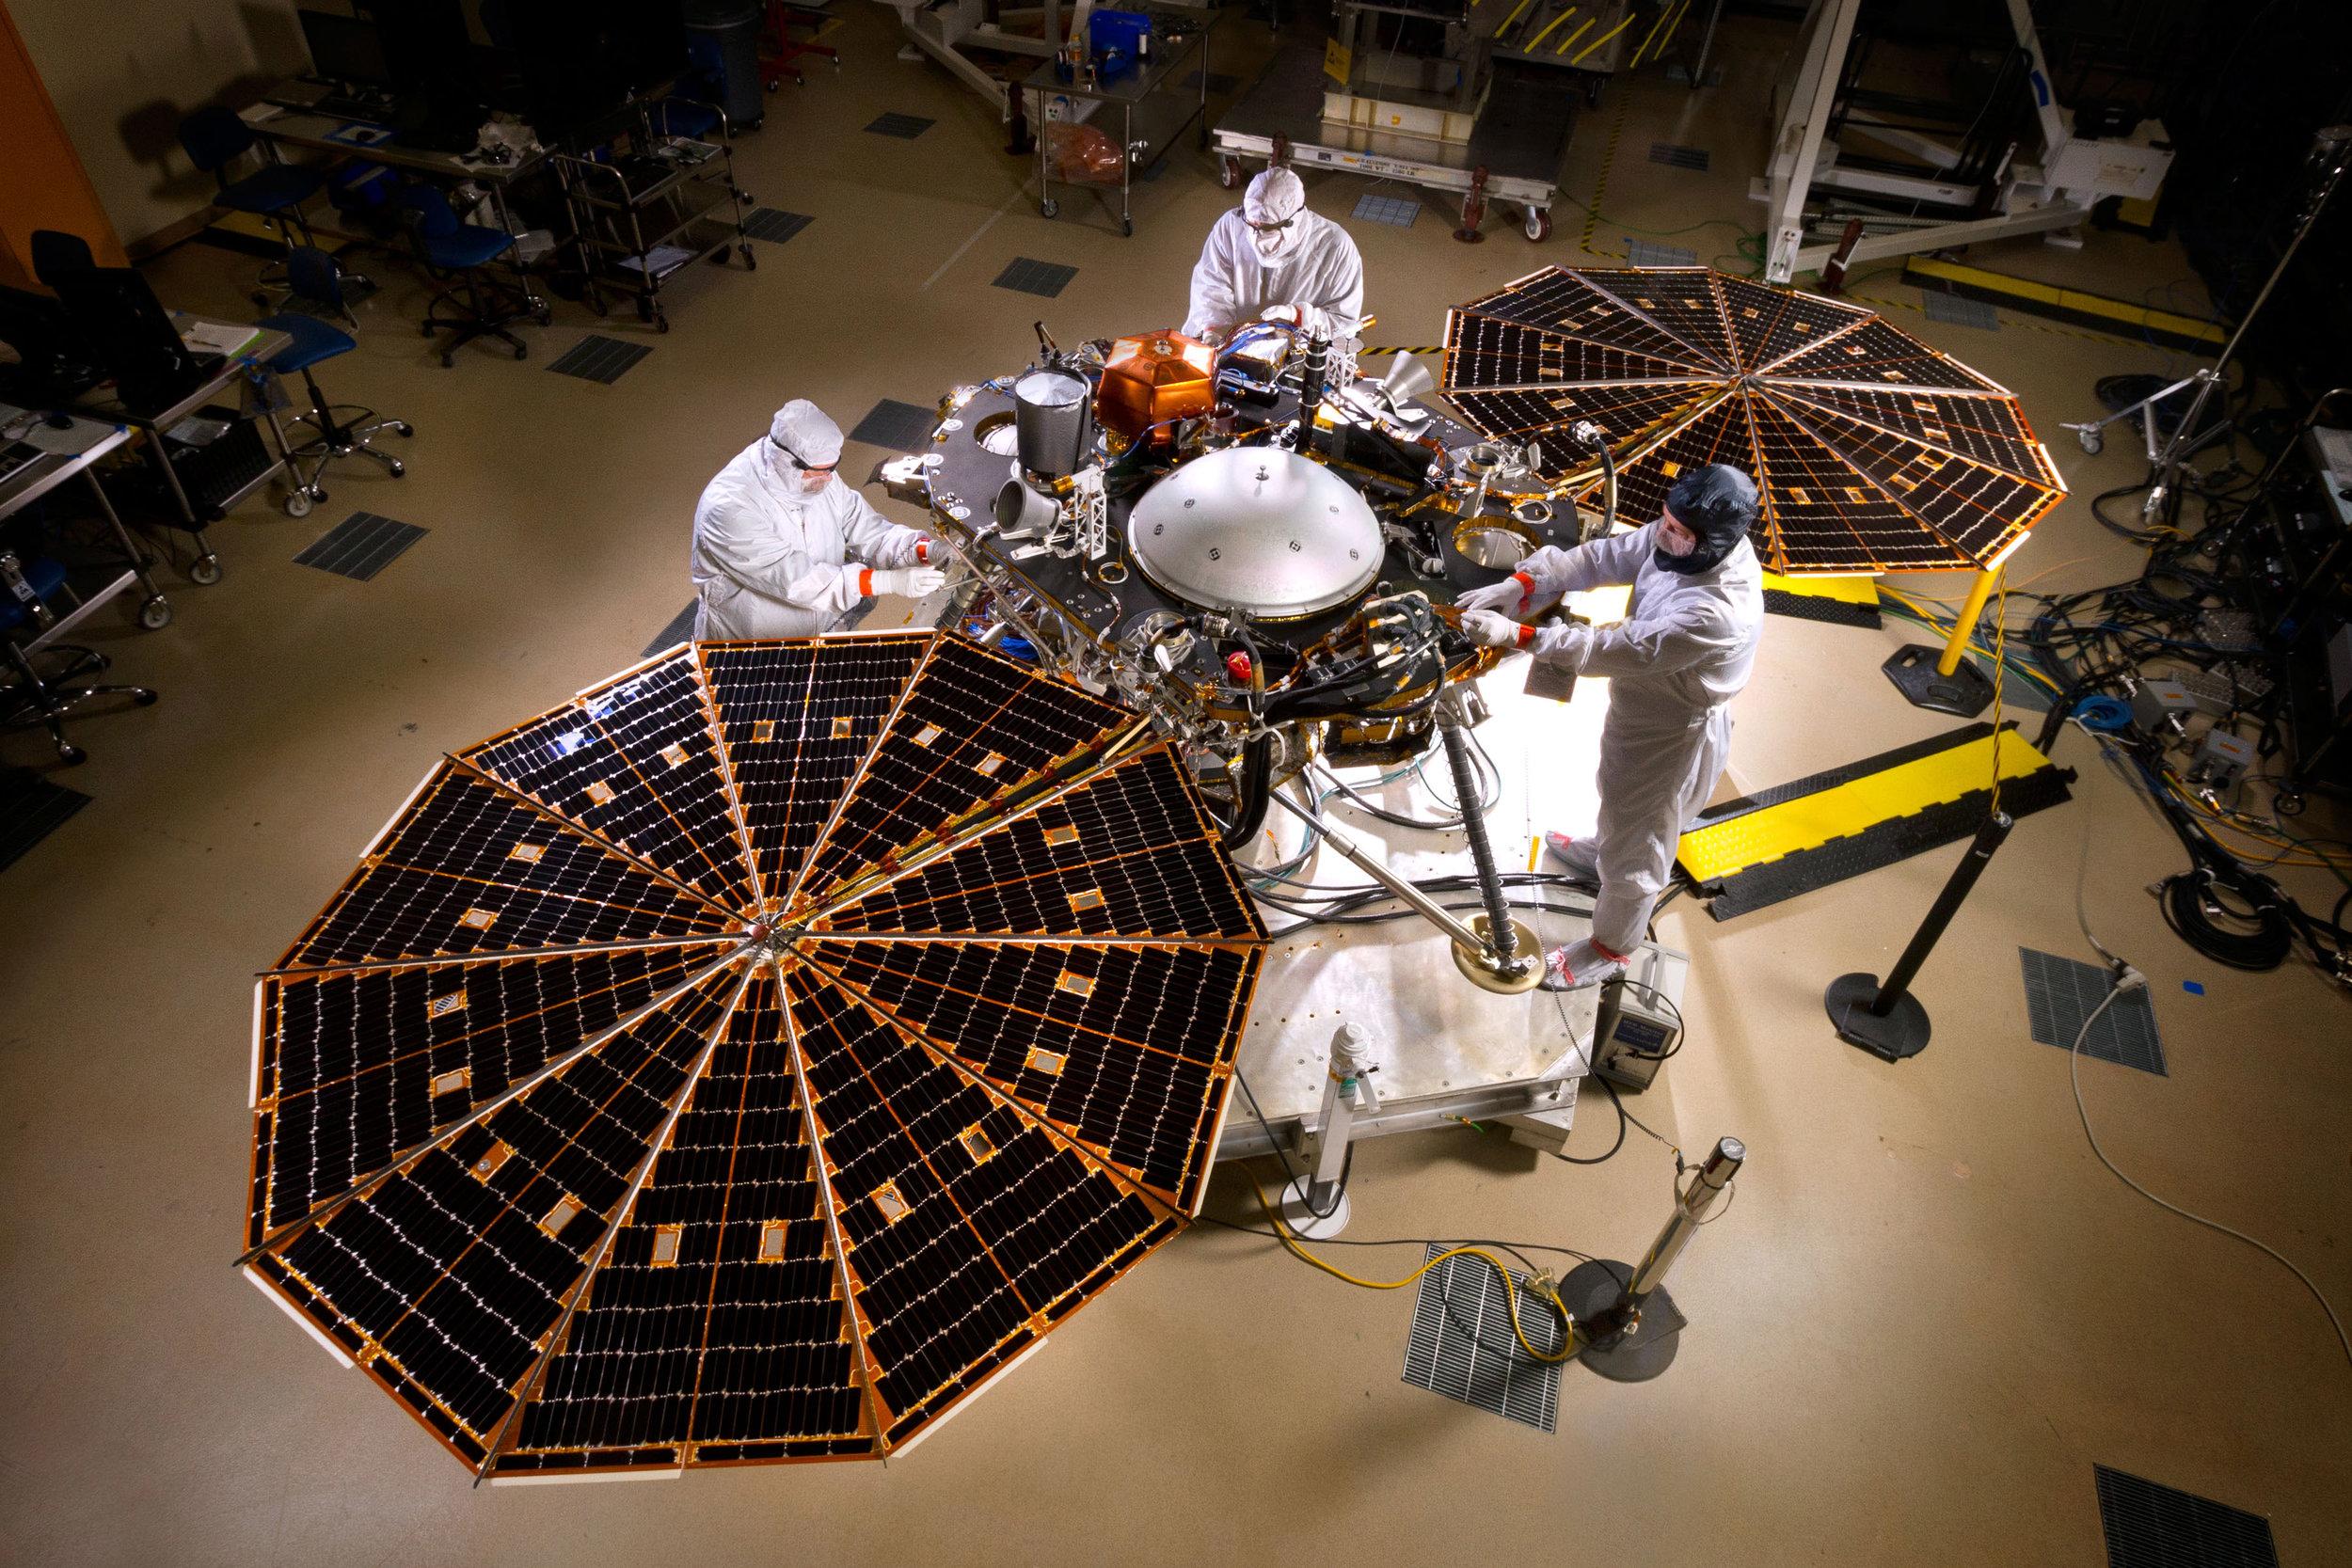 NASA's InSight Mars lander spacecraft in a Lockheed Martin clean room near Denver. - Image Credit: NASA/JPL-Caltech/Lockheed Martin